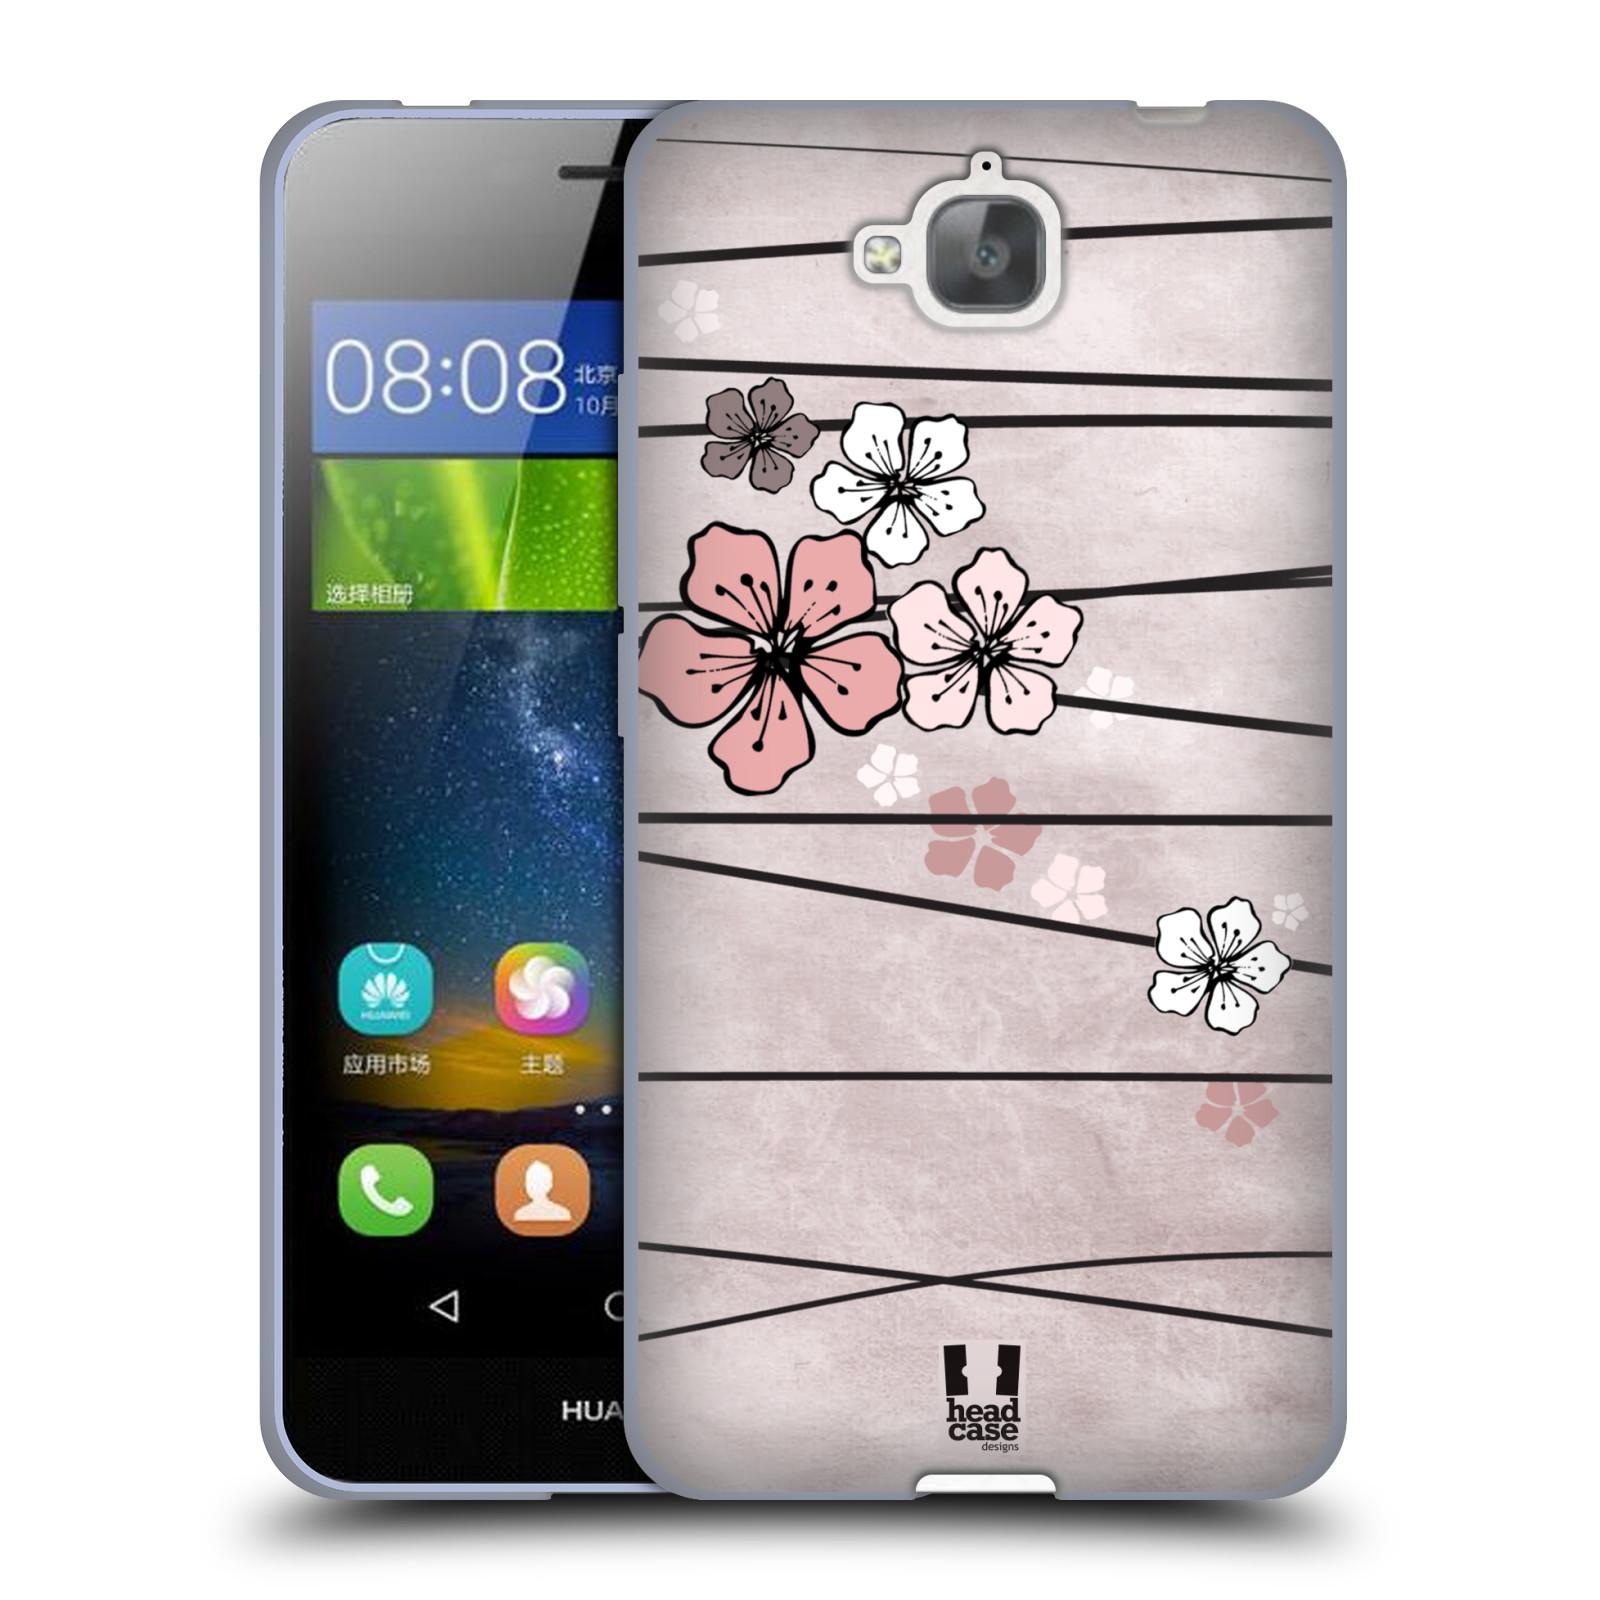 Silikonové pouzdro na mobil Huawei Y6 Pro Dual Sim HEAD CASE BLOSSOMS PAPER